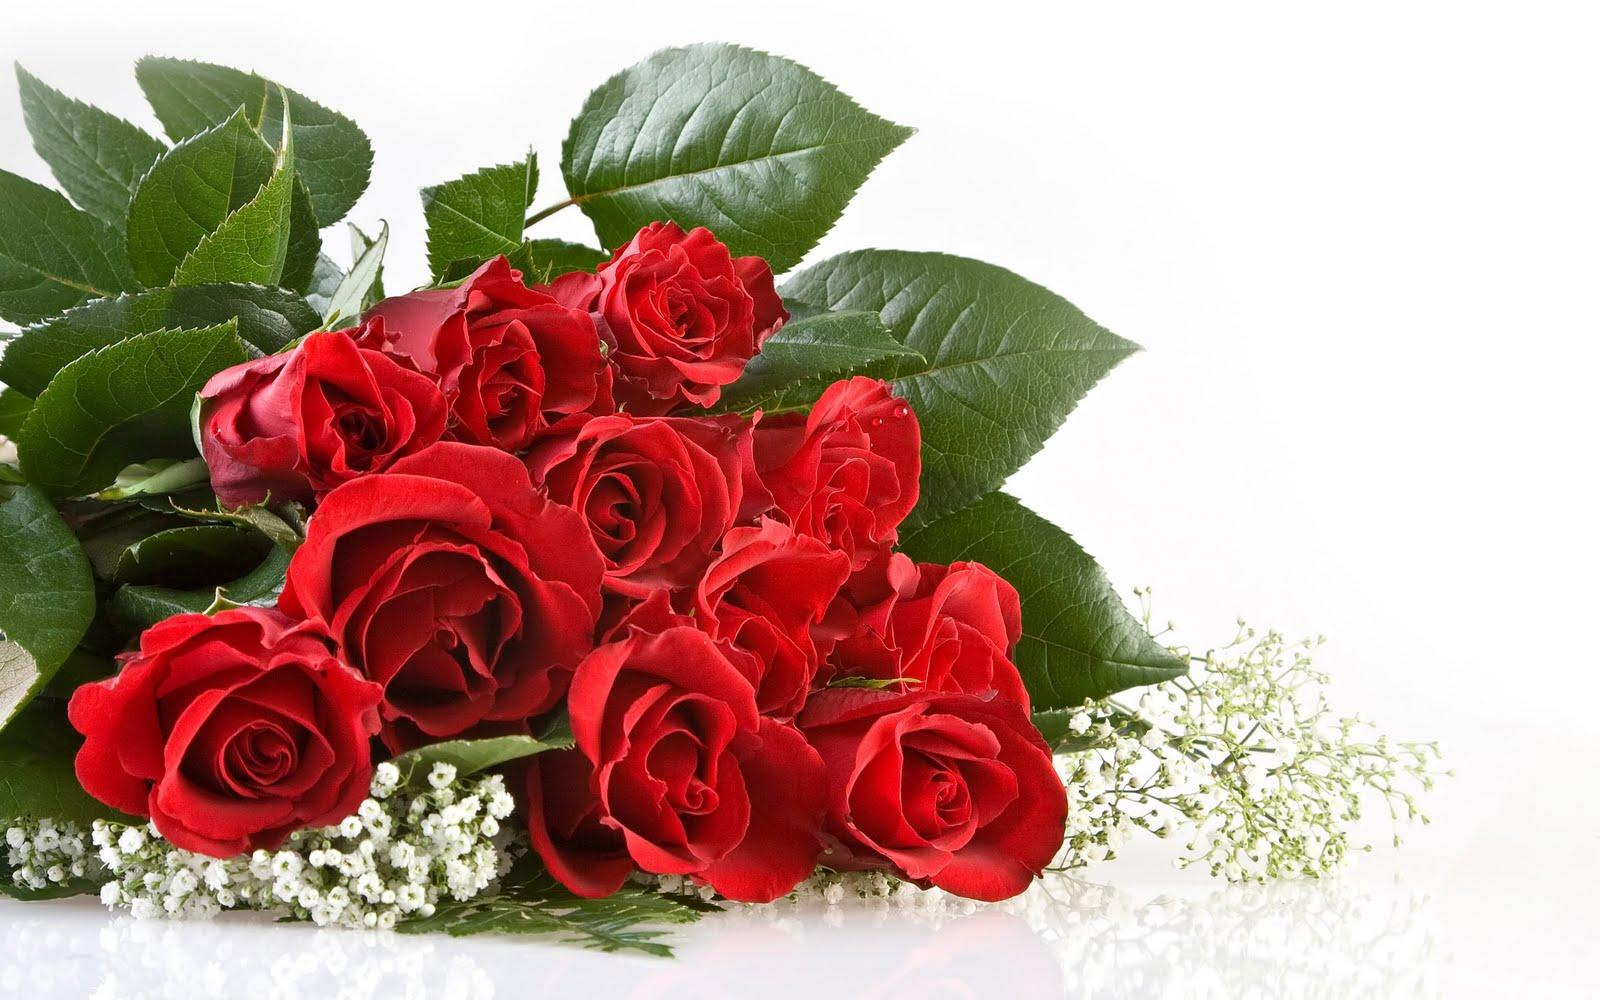 букет красных алых роз на белом фоне, скачать фото, обои для рабочего стола